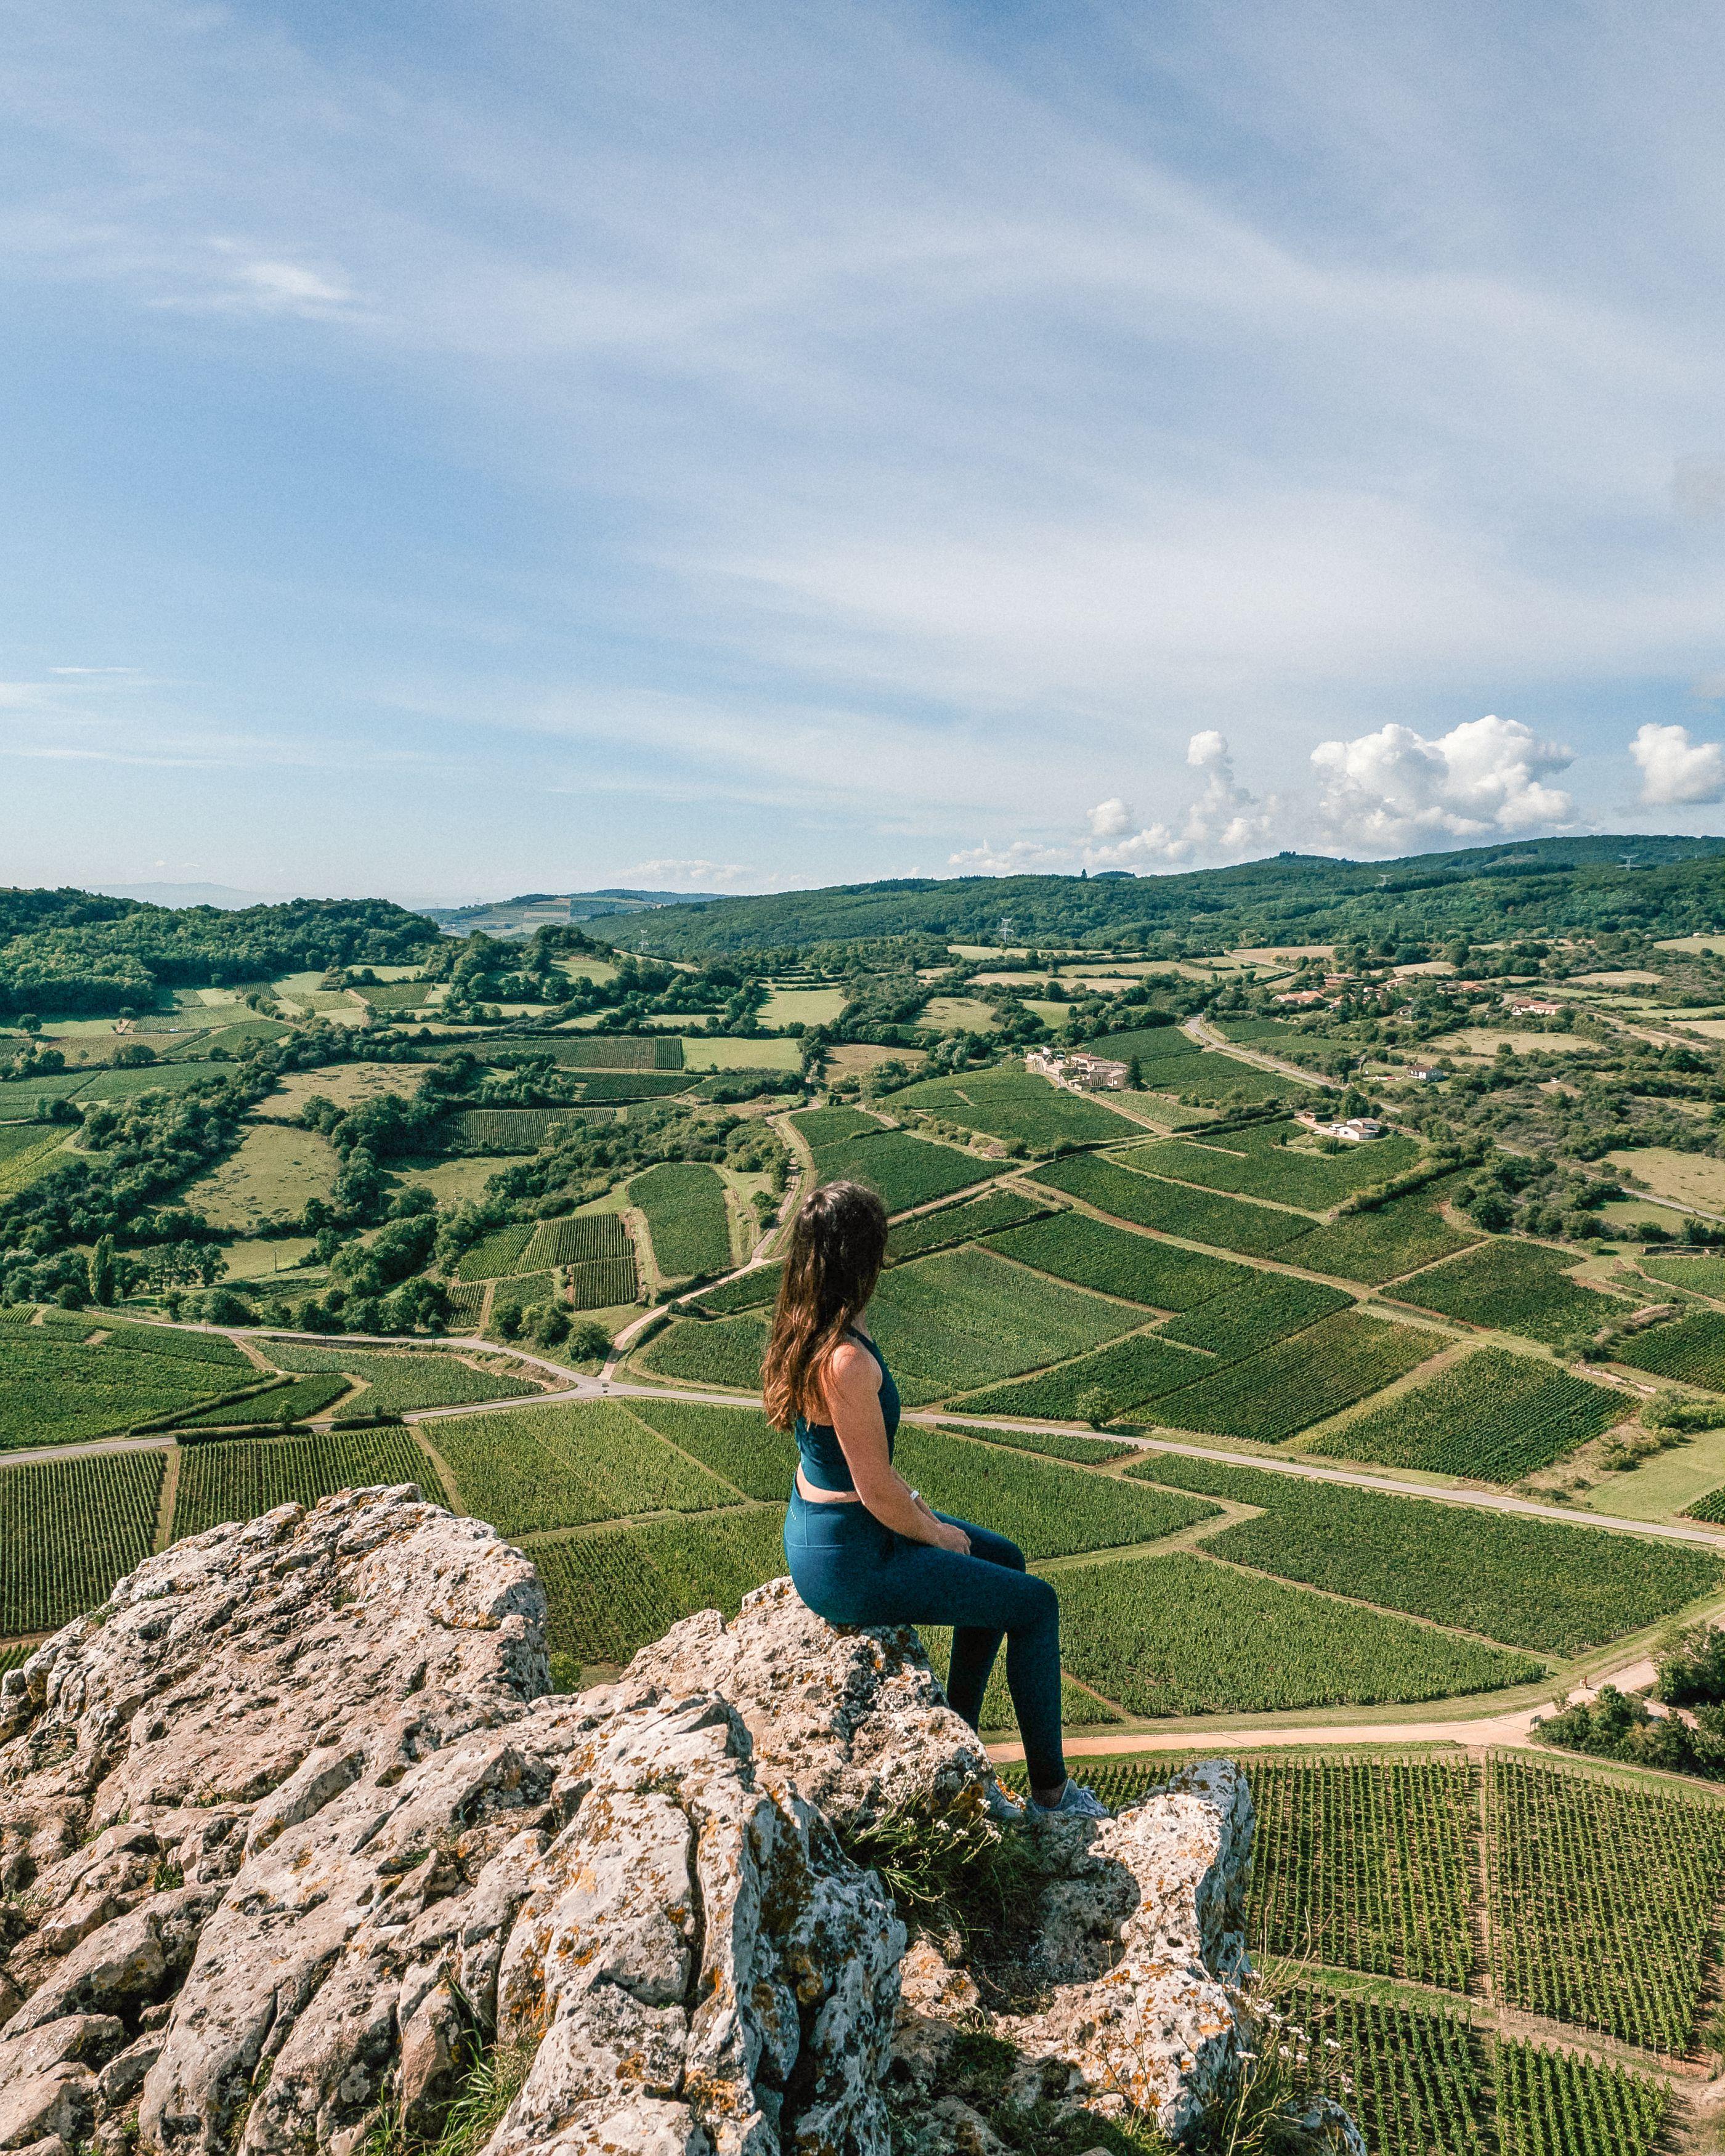 Vue sur le vignoble Mâconnais - La Roche de Solutré